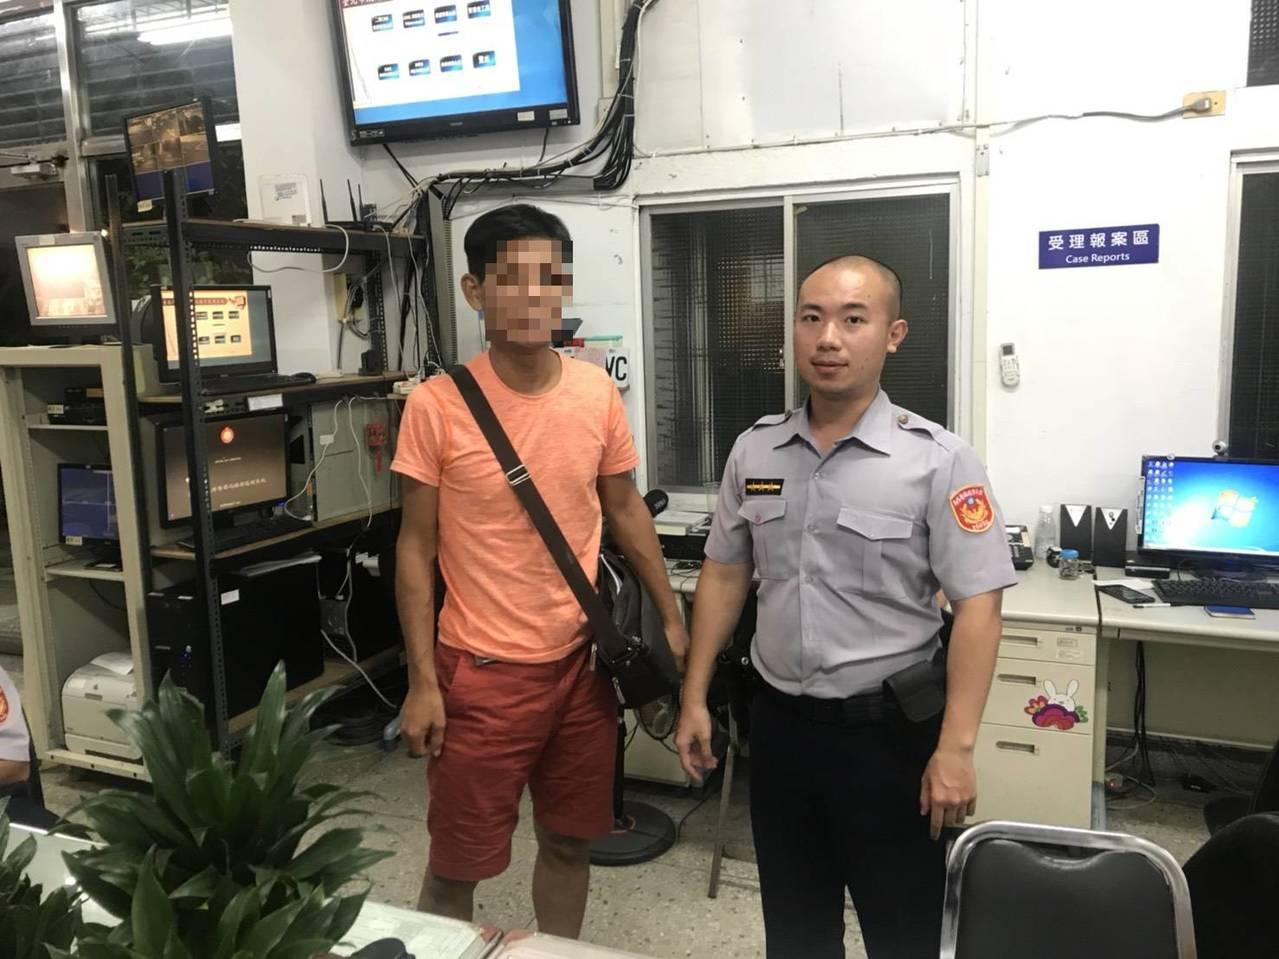 警方阻止陳姓男子被騙。記者廖炳棋/翻攝